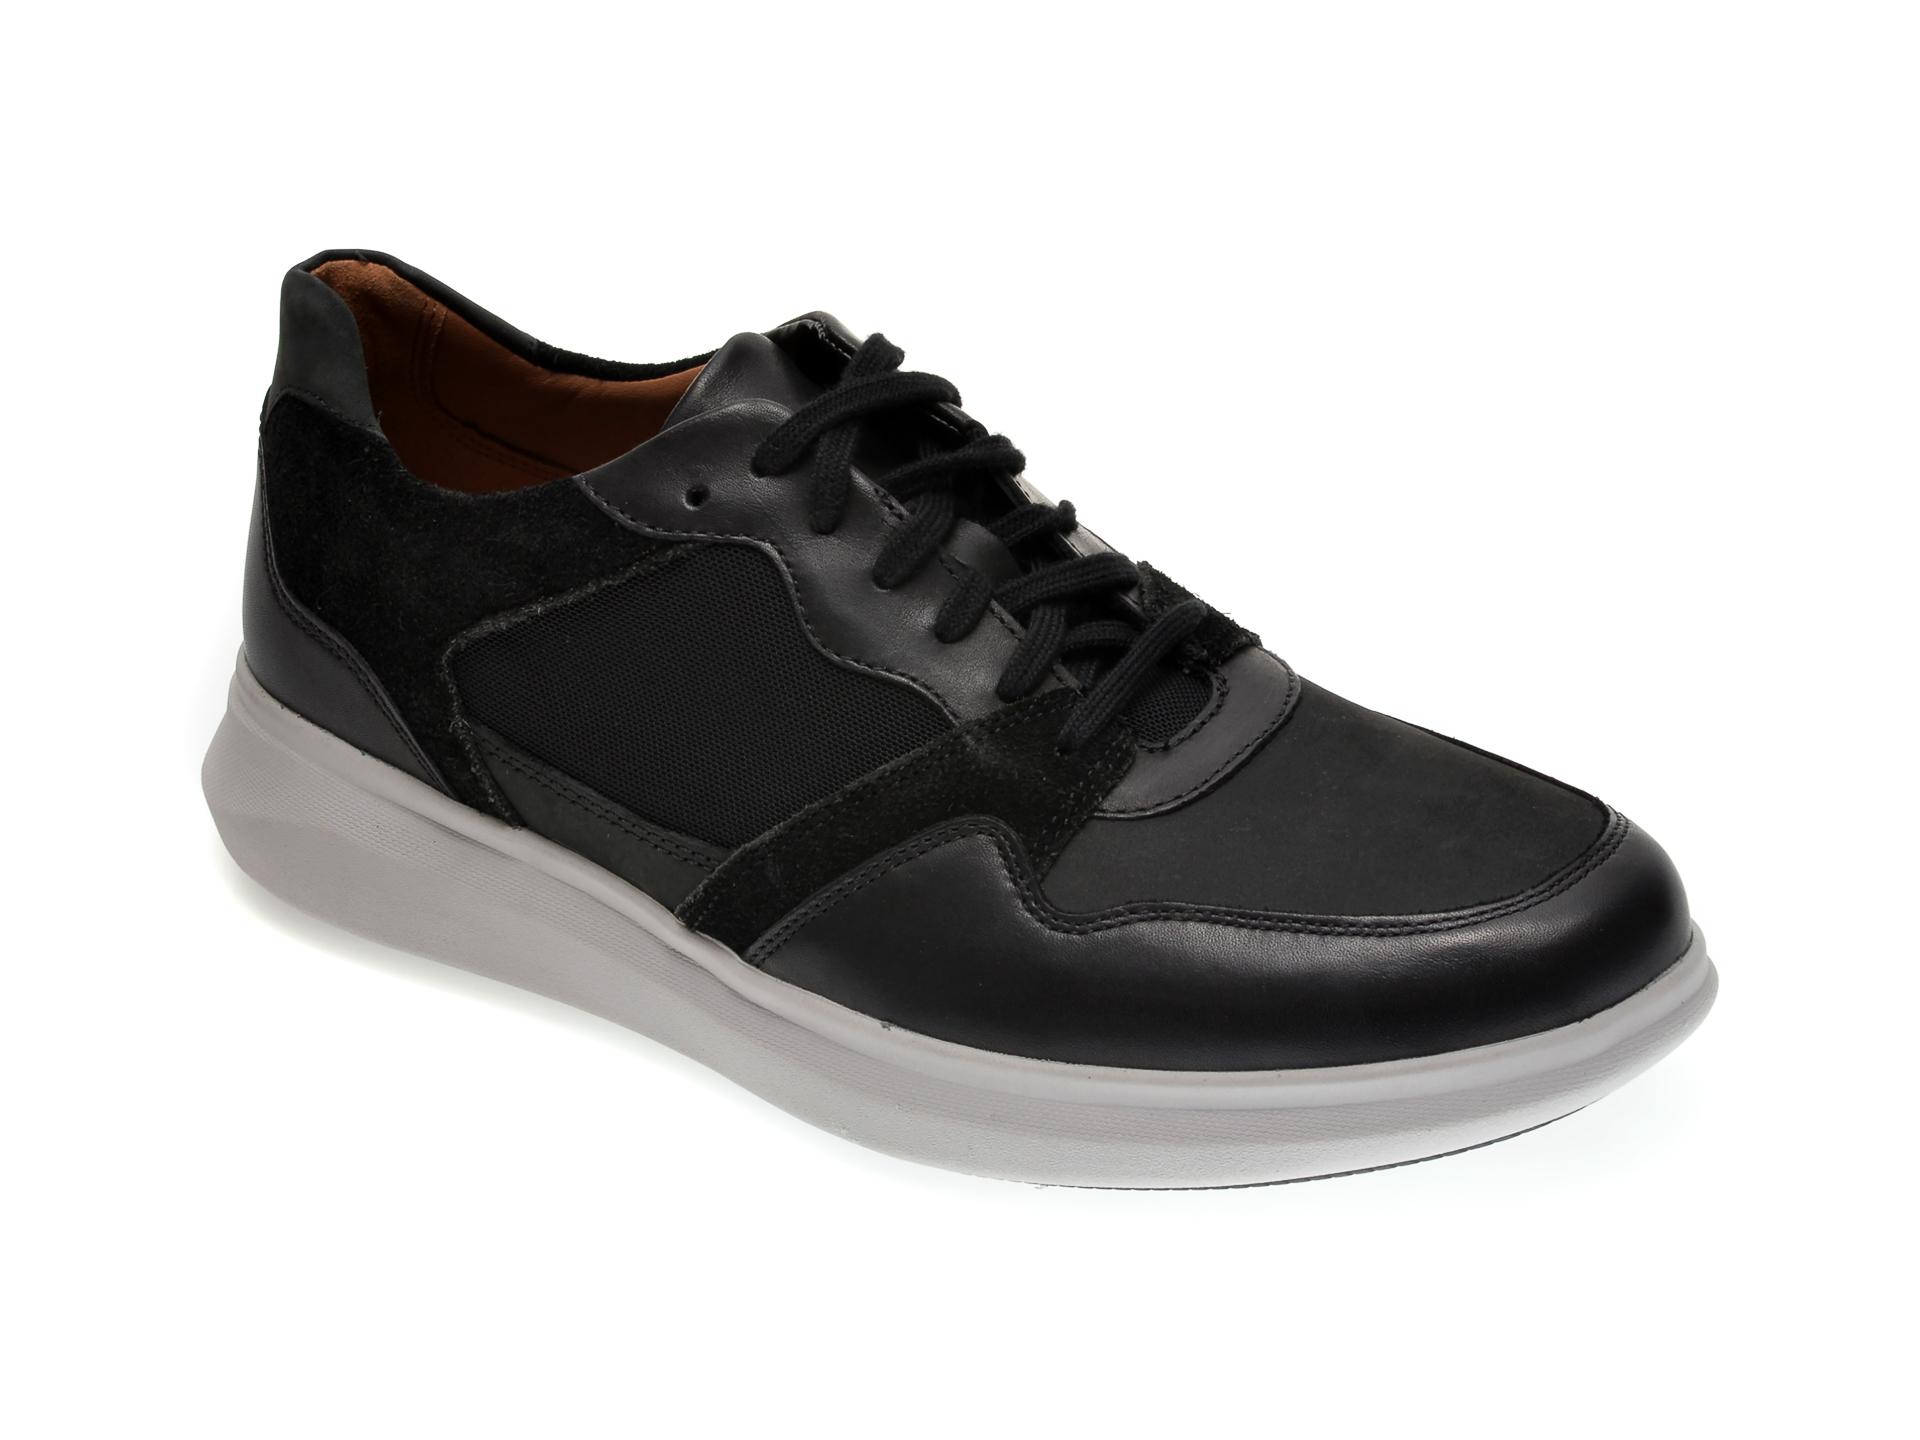 Pantofi CLARKS negri, UN GLOBE RUN, din piele ecologica imagine